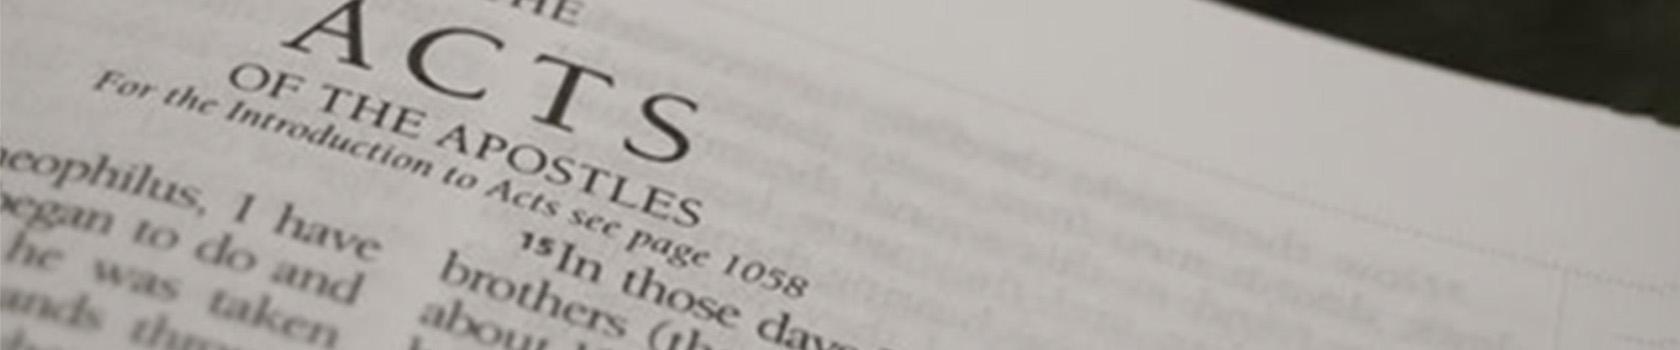 bookofacts-smaller2